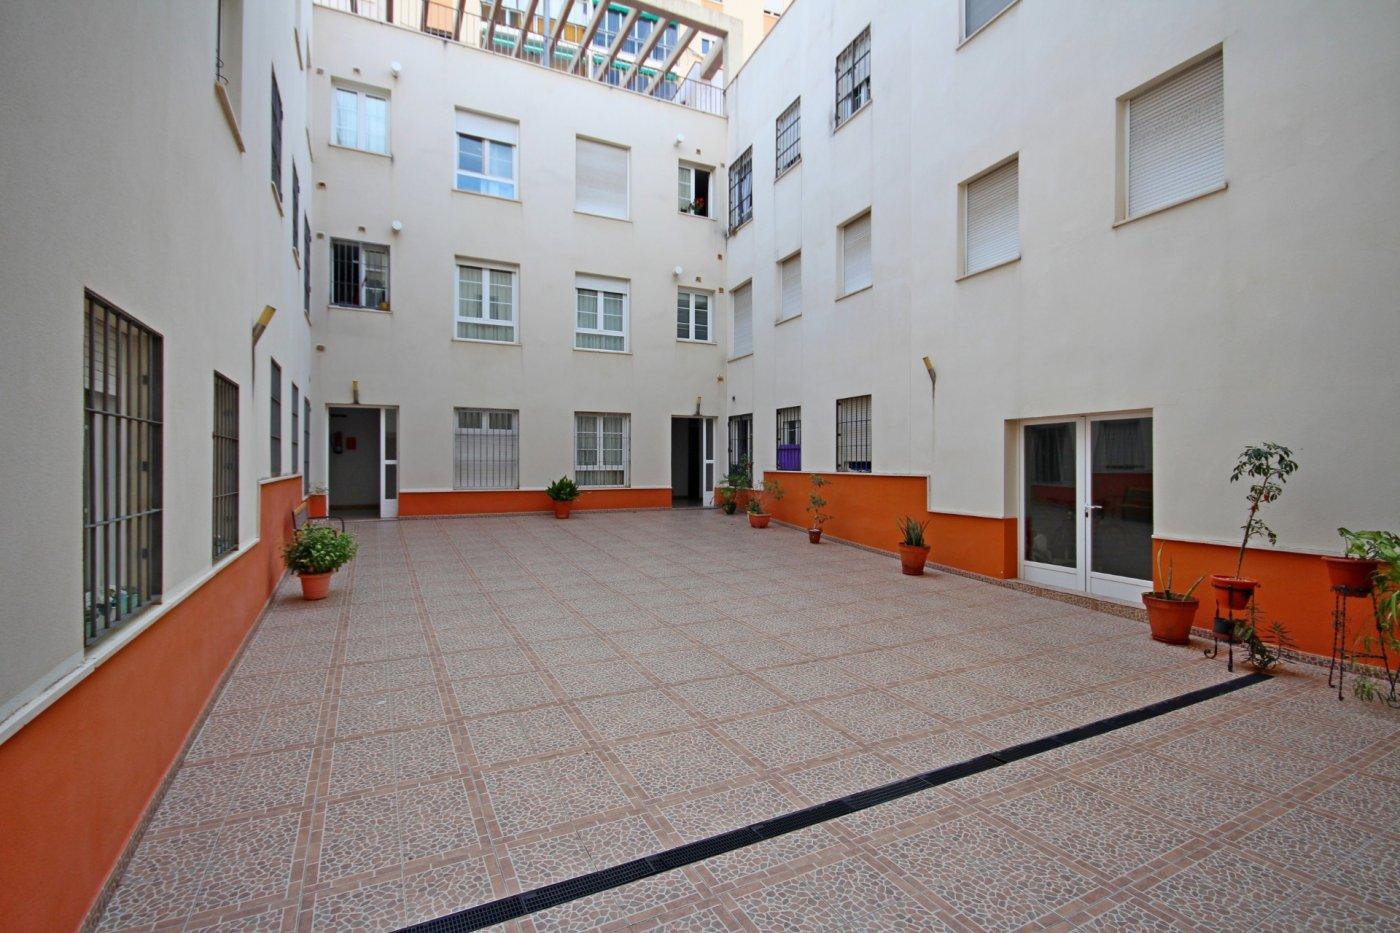 Piso dos dormitorios con garaje a un paso del centro histórico - imagenInmueble4